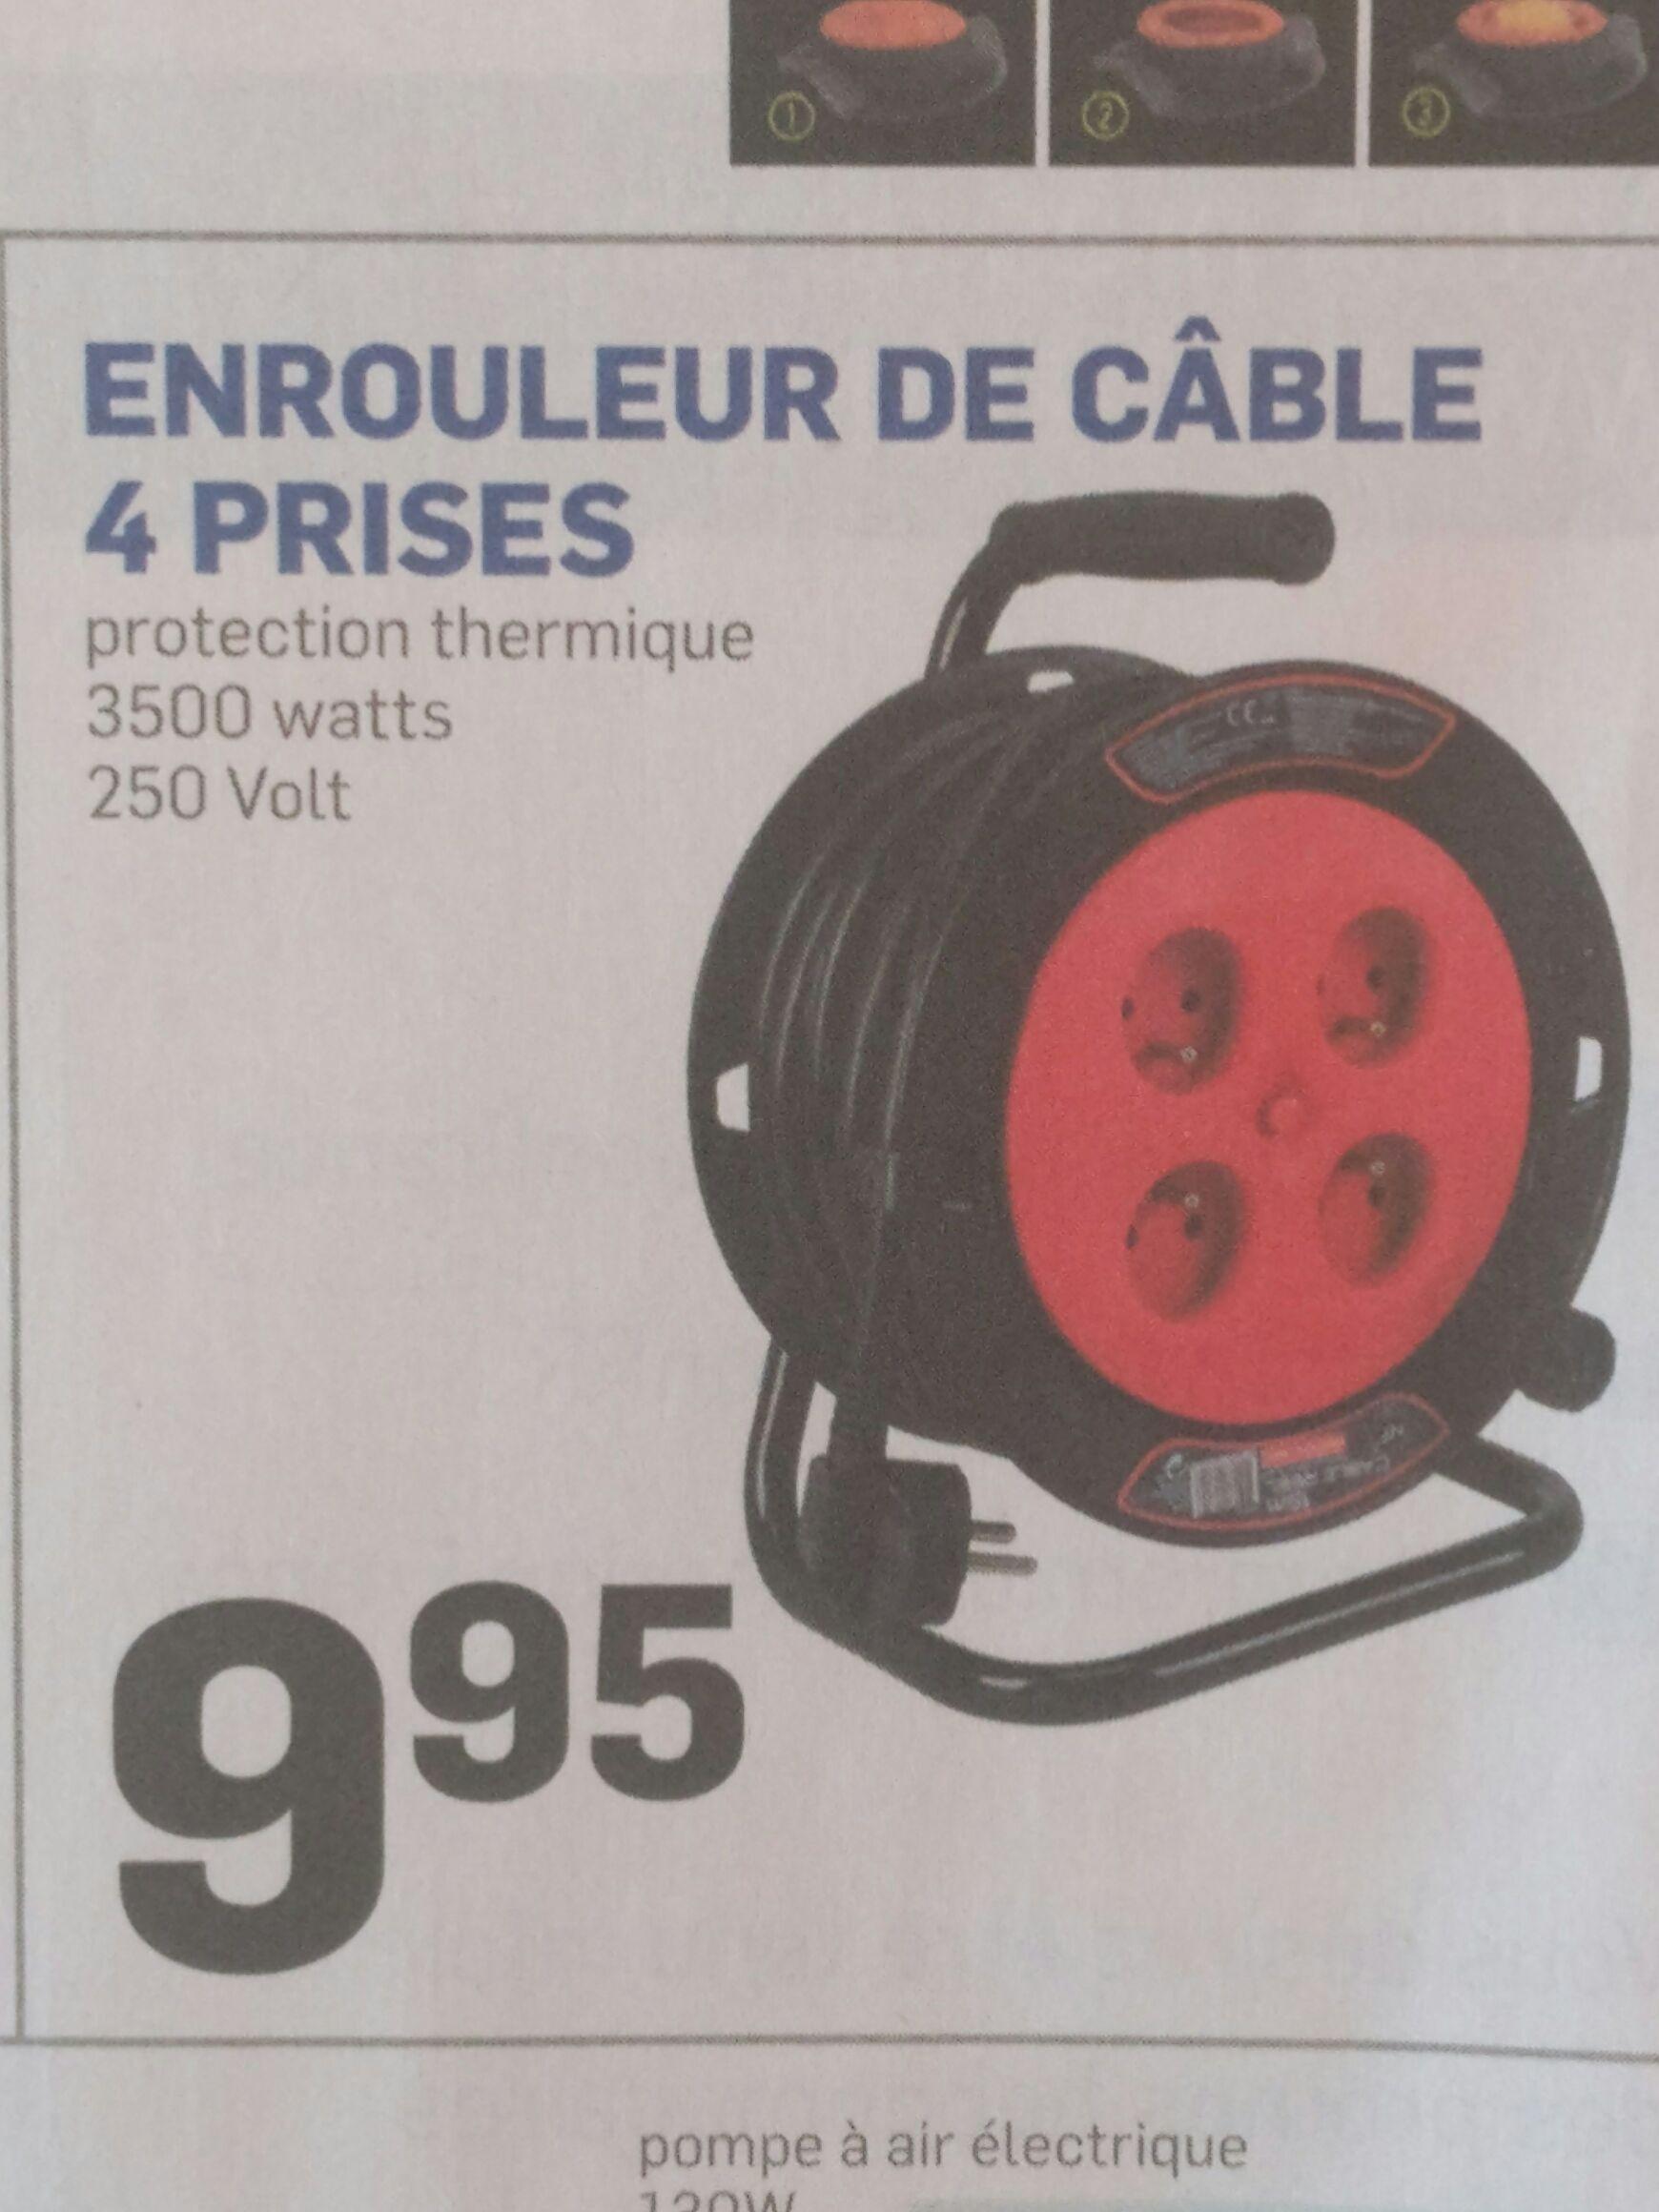 Enrouleur câble électrique - 15m, 4 prises + T, Protection thermique, Puissance Max 3500W